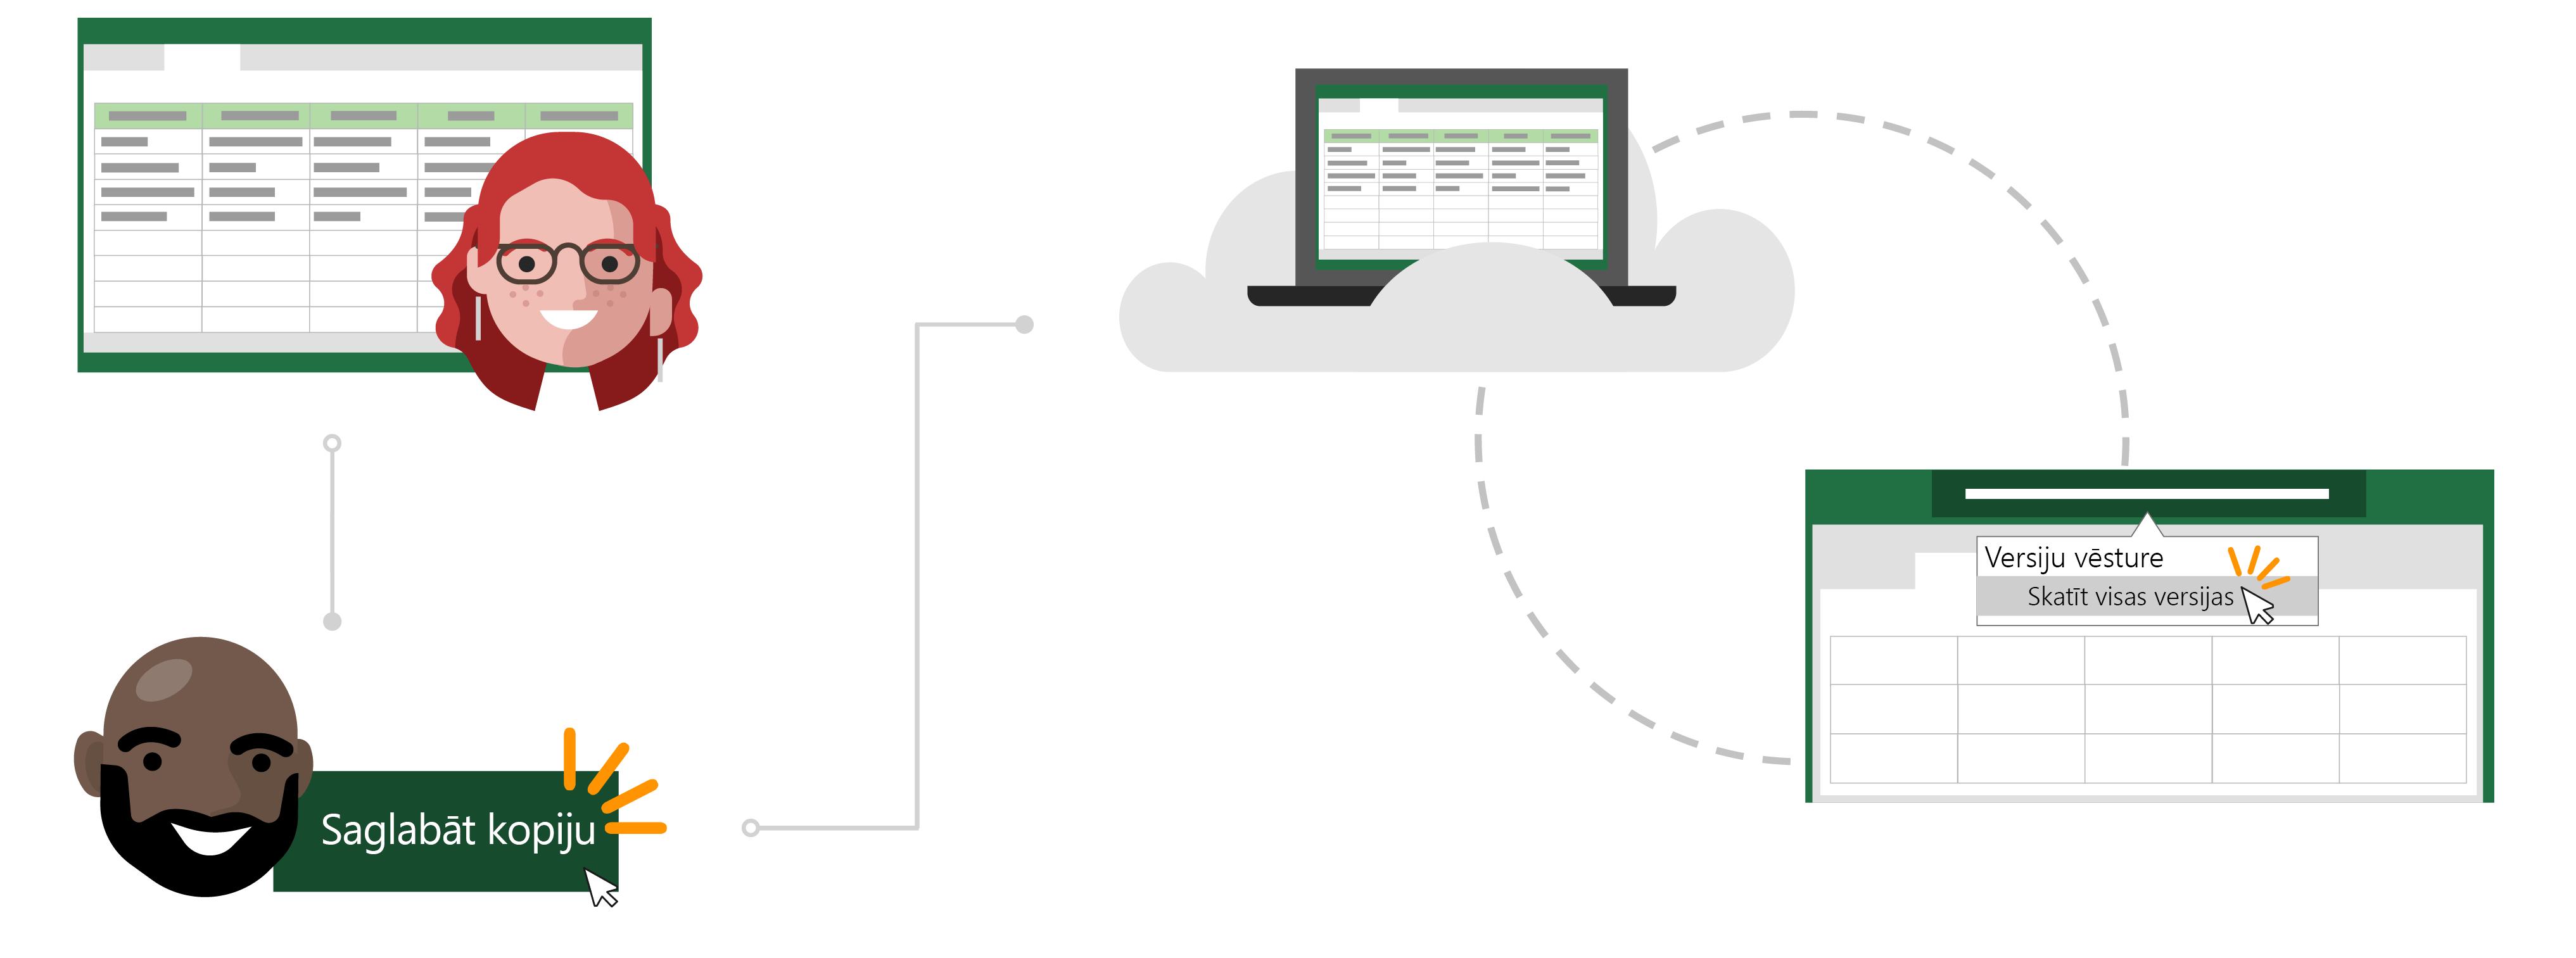 Izmantojiet esošu failu mākonī kā veidni jaunu failu, izmantojot saglabāt kopiju.